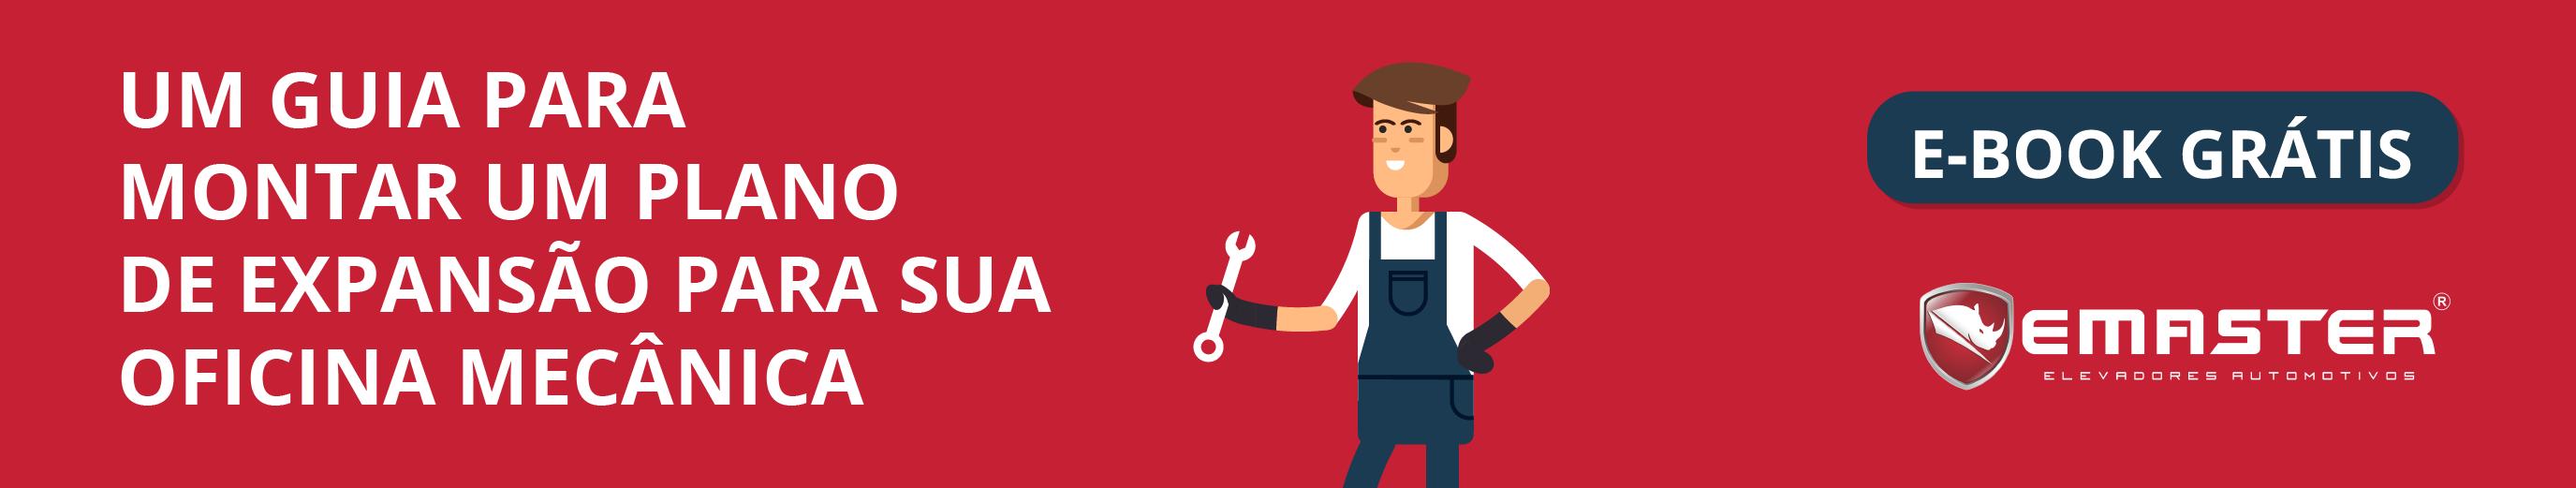 CTA_Um guia para montar um plano de expansão para sua oficina mecânica-